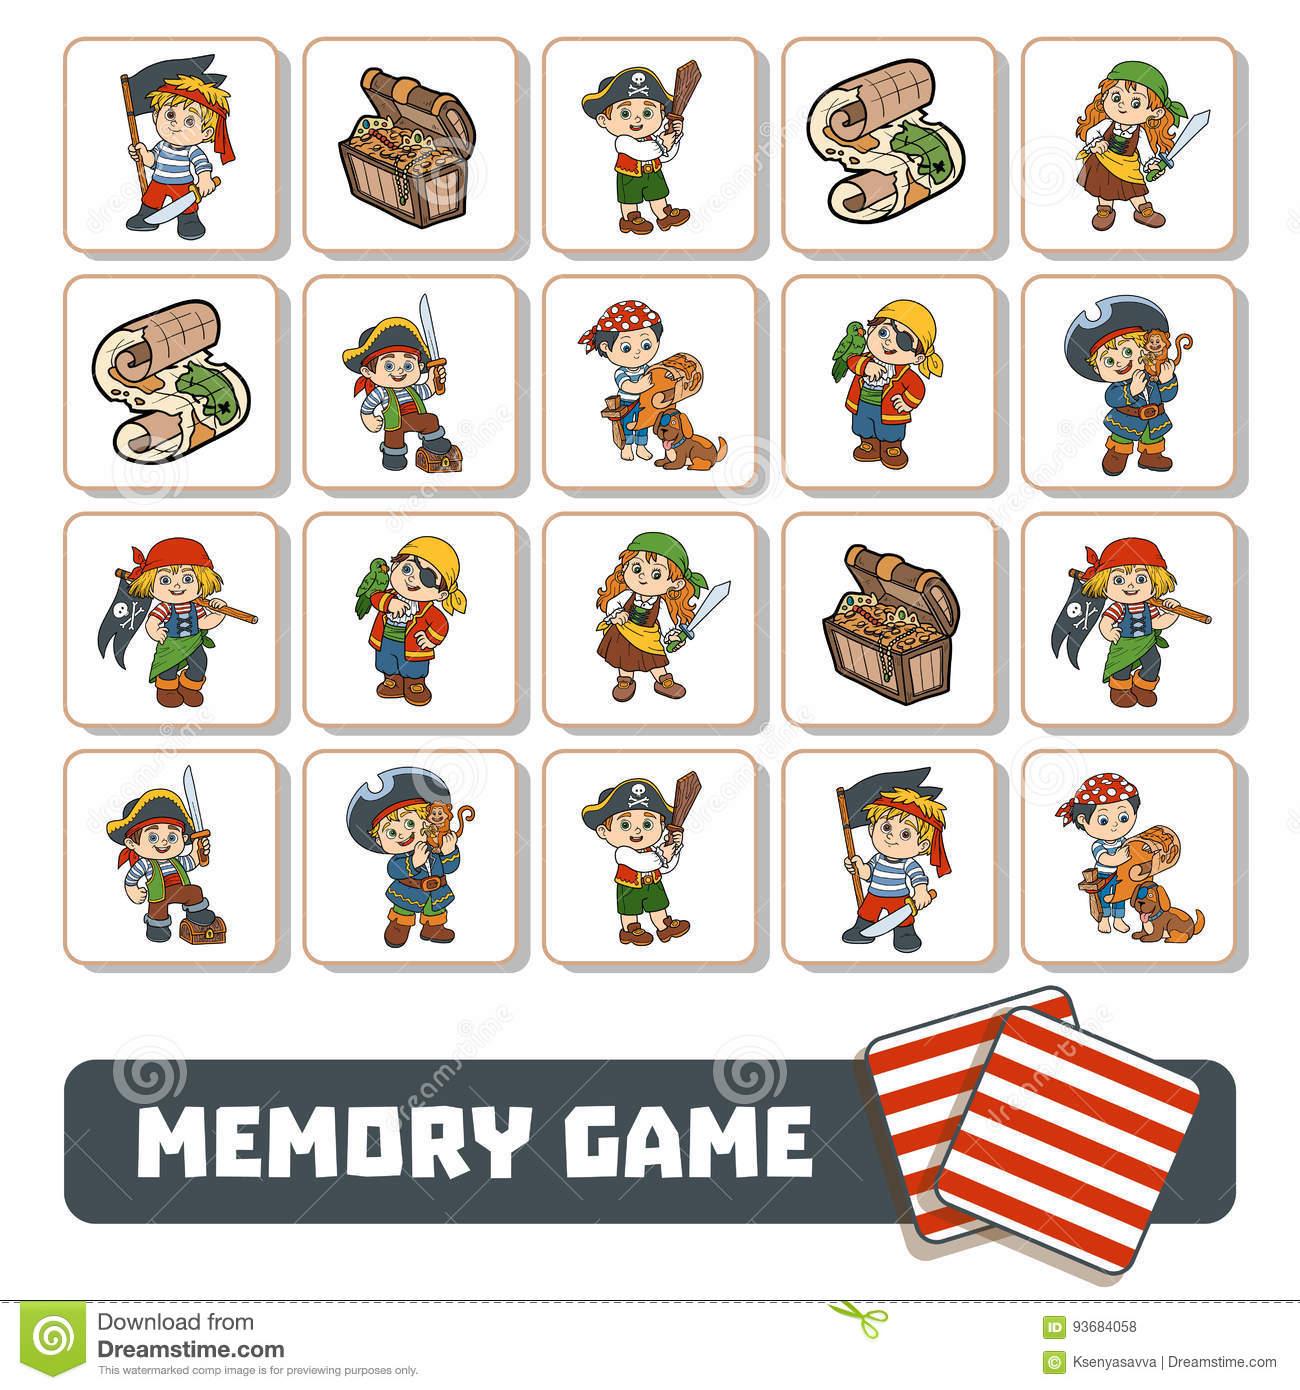 Jeu De Mémoire Pour Les Enfants, Cartes Avec Des Caractères tout Jeux De Memoire Enfant